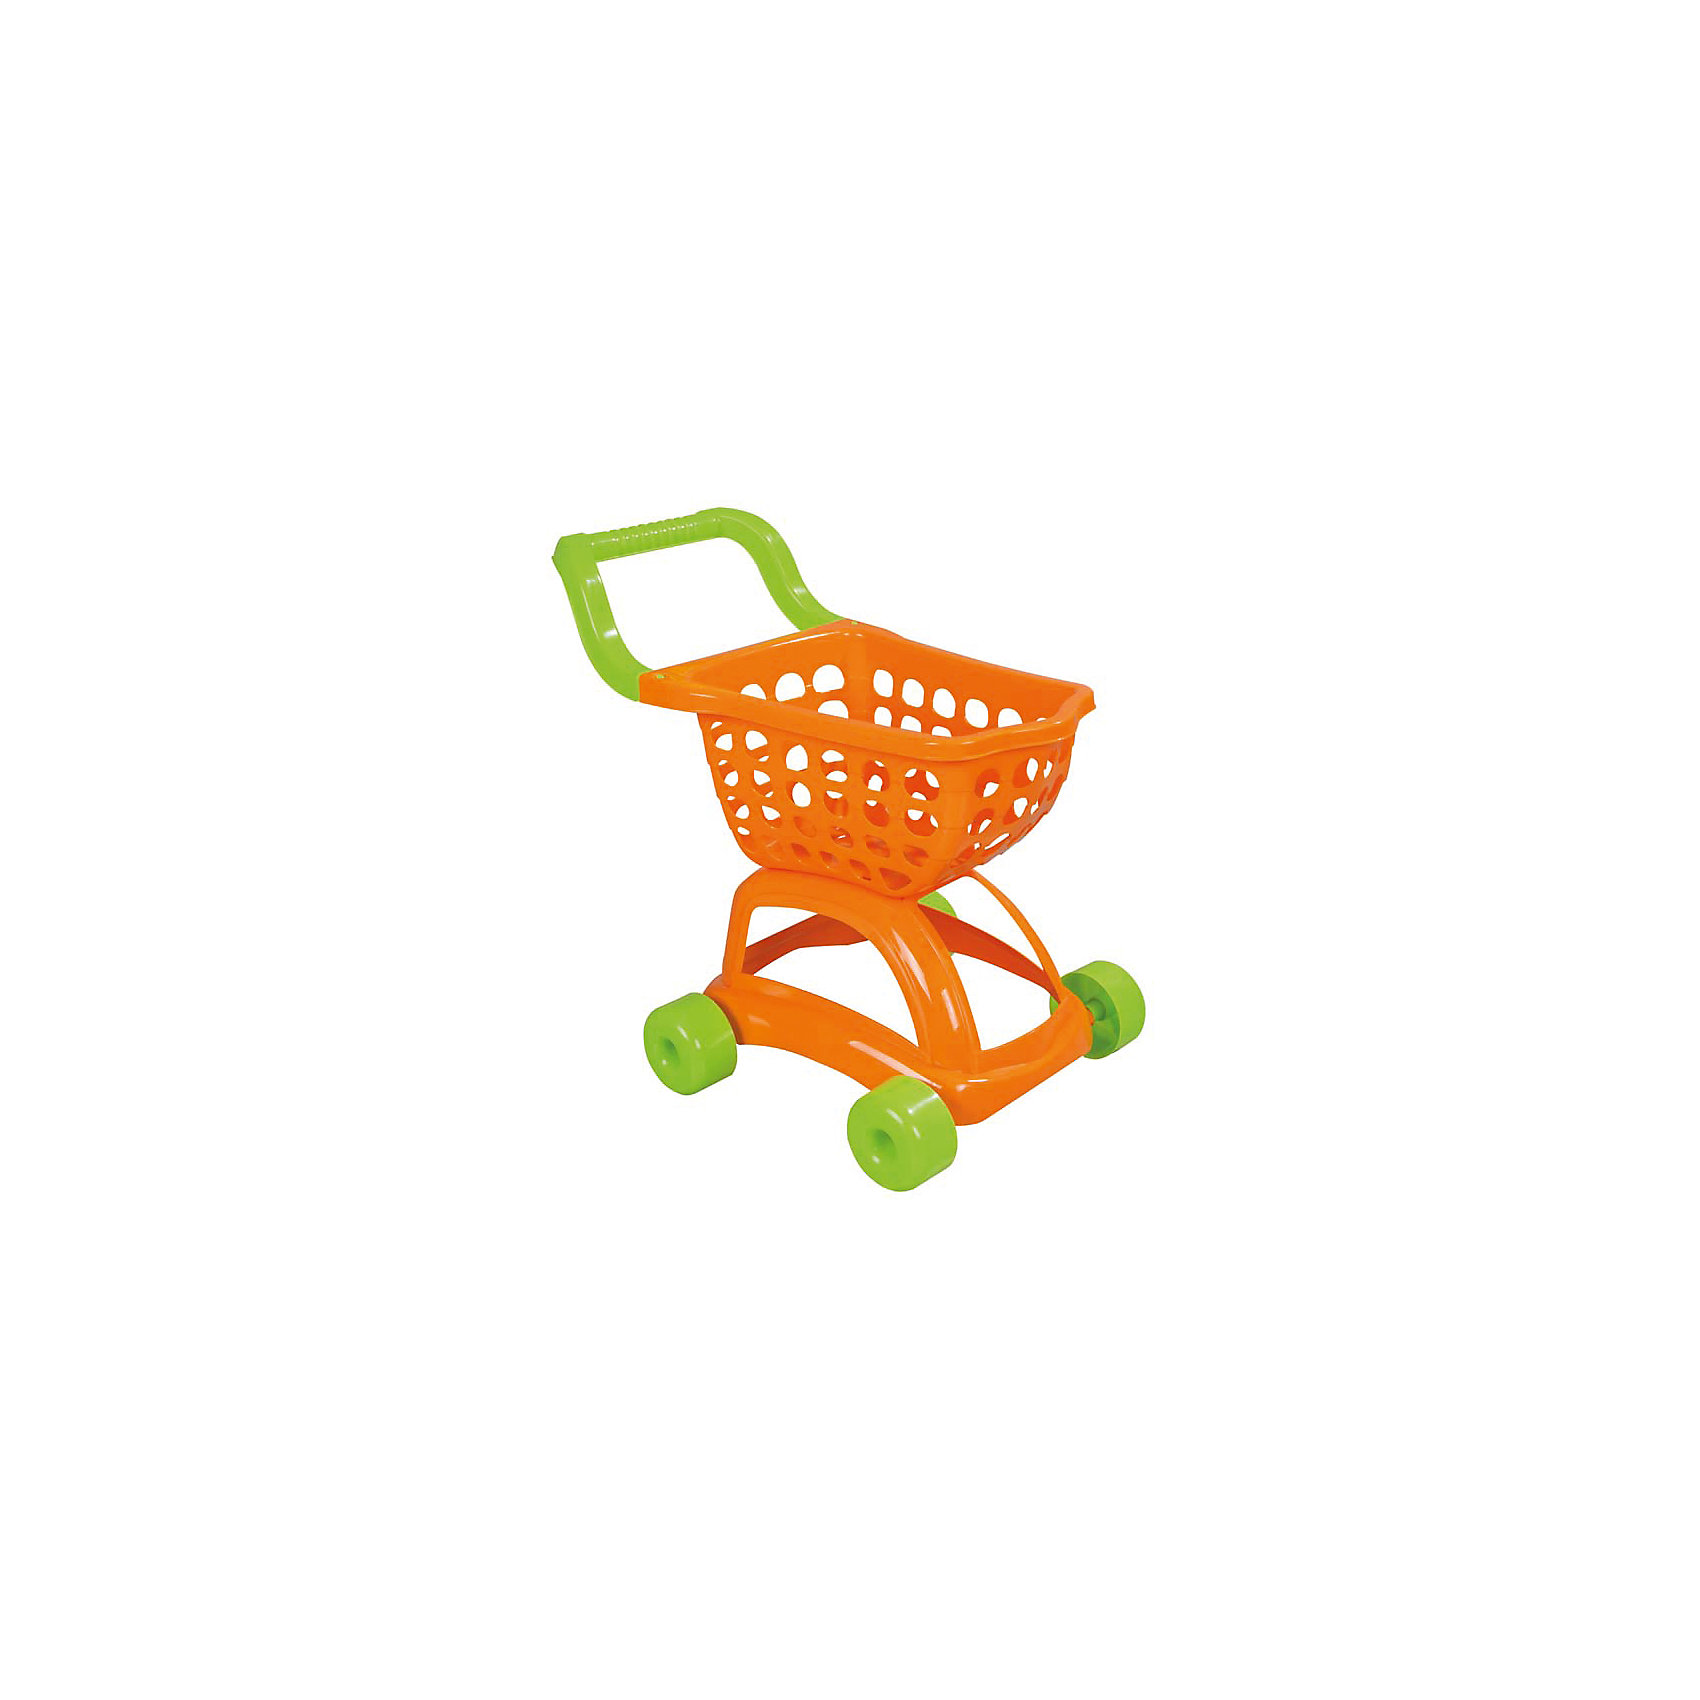 Тележка для покупок Sweet, PilsanДетские магазины и аксесссуары<br>Тележка для покупок Sweet, Pilsan (Пилсан).<br><br>Характеристики:<br><br>• Материал: пластик.<br>• Цвет: оранжевый, зеленый.<br>• Максимальная нагрузка: 2кг.<br>• Размеры (габариты): 52х47х37см.<br><br>Тележка для покупок Sweet, Pilsan (Пилсан) – это тележка покупателя большого супермаркета. Данная модель удобна и проста в использовании. Ваша юная хозяйка сможет с легкостью ею управлять. Веселая, яркая расцветка привлечет внимание вашего ребенка и максимально дополнит сюжетно- ролевую игру «Магазин». <br><br>Тележку для покупок Sweet, Pilsan (Пилсан), можно купитьвнашем интернет – магазине.<br><br>Ширина мм: 610<br>Глубина мм: 340<br>Высота мм: 330<br>Вес г: 1000<br>Возраст от месяцев: 36<br>Возраст до месяцев: 120<br>Пол: Унисекс<br>Возраст: Детский<br>SKU: 5045000